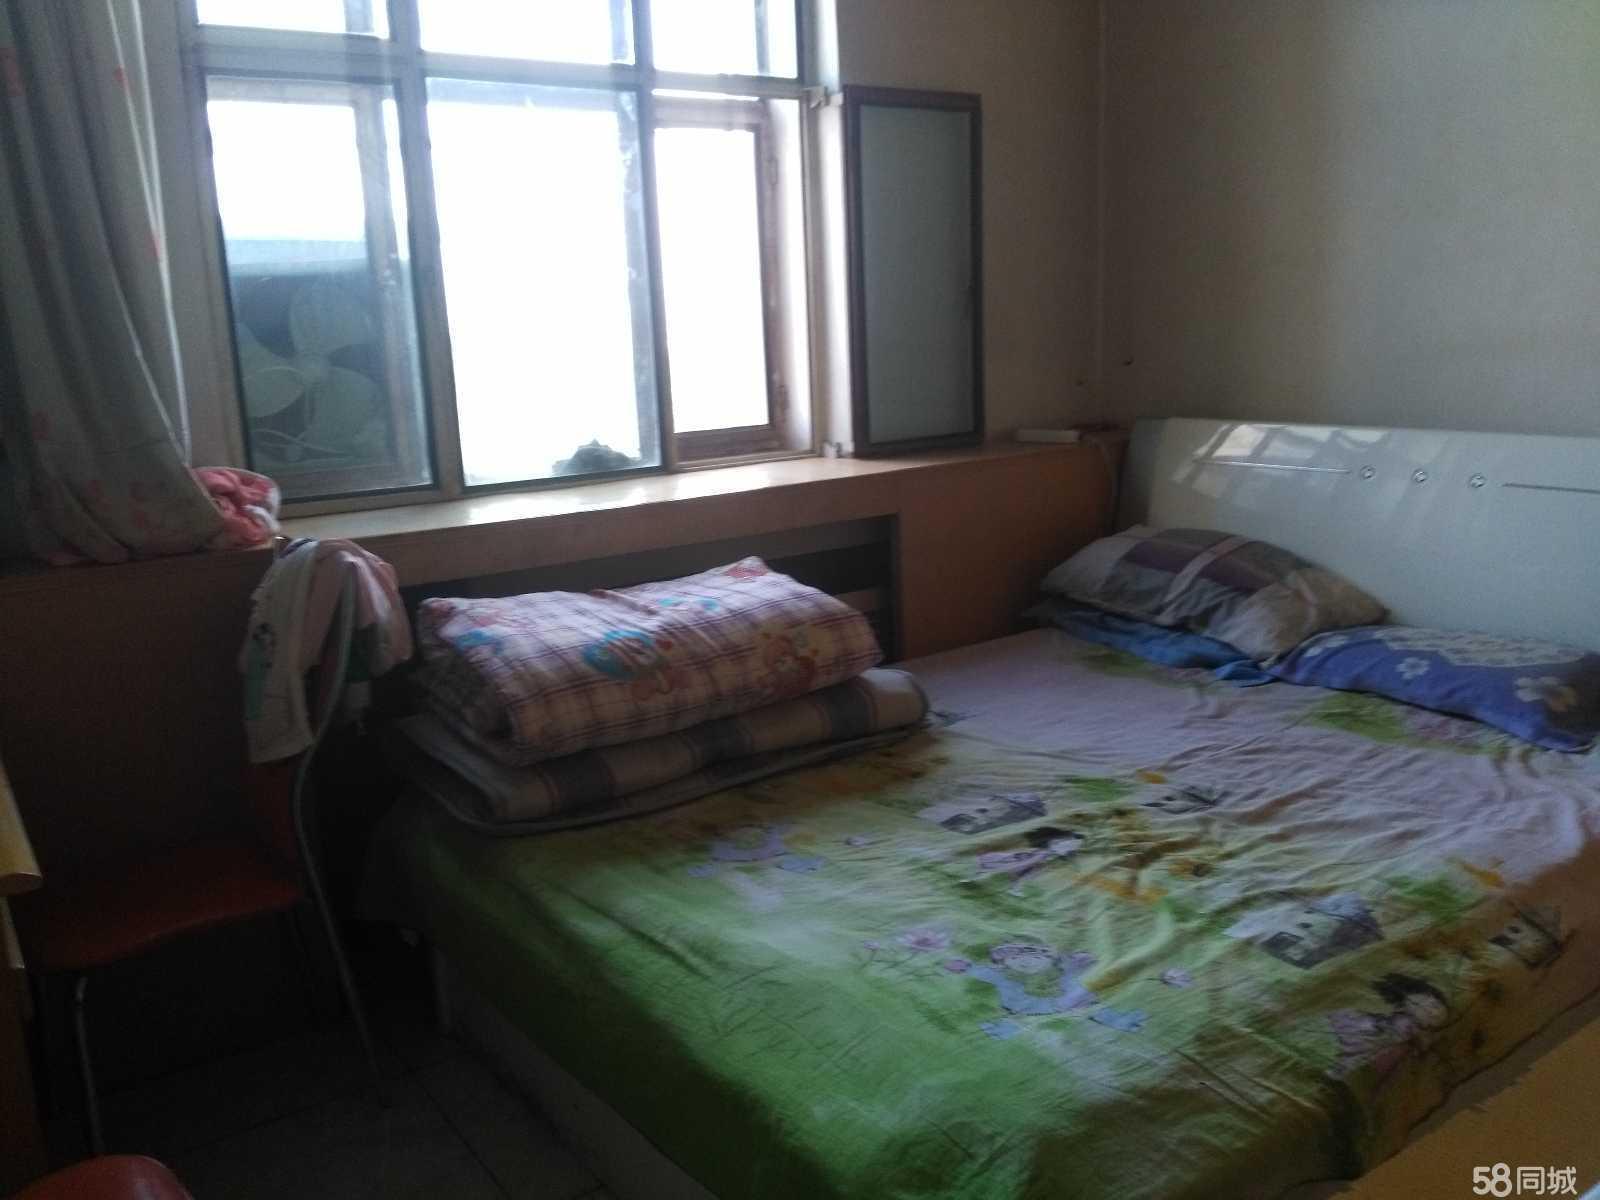 青年路吐鲁番市明珠小区2室1厅1卫一梯一户61平米